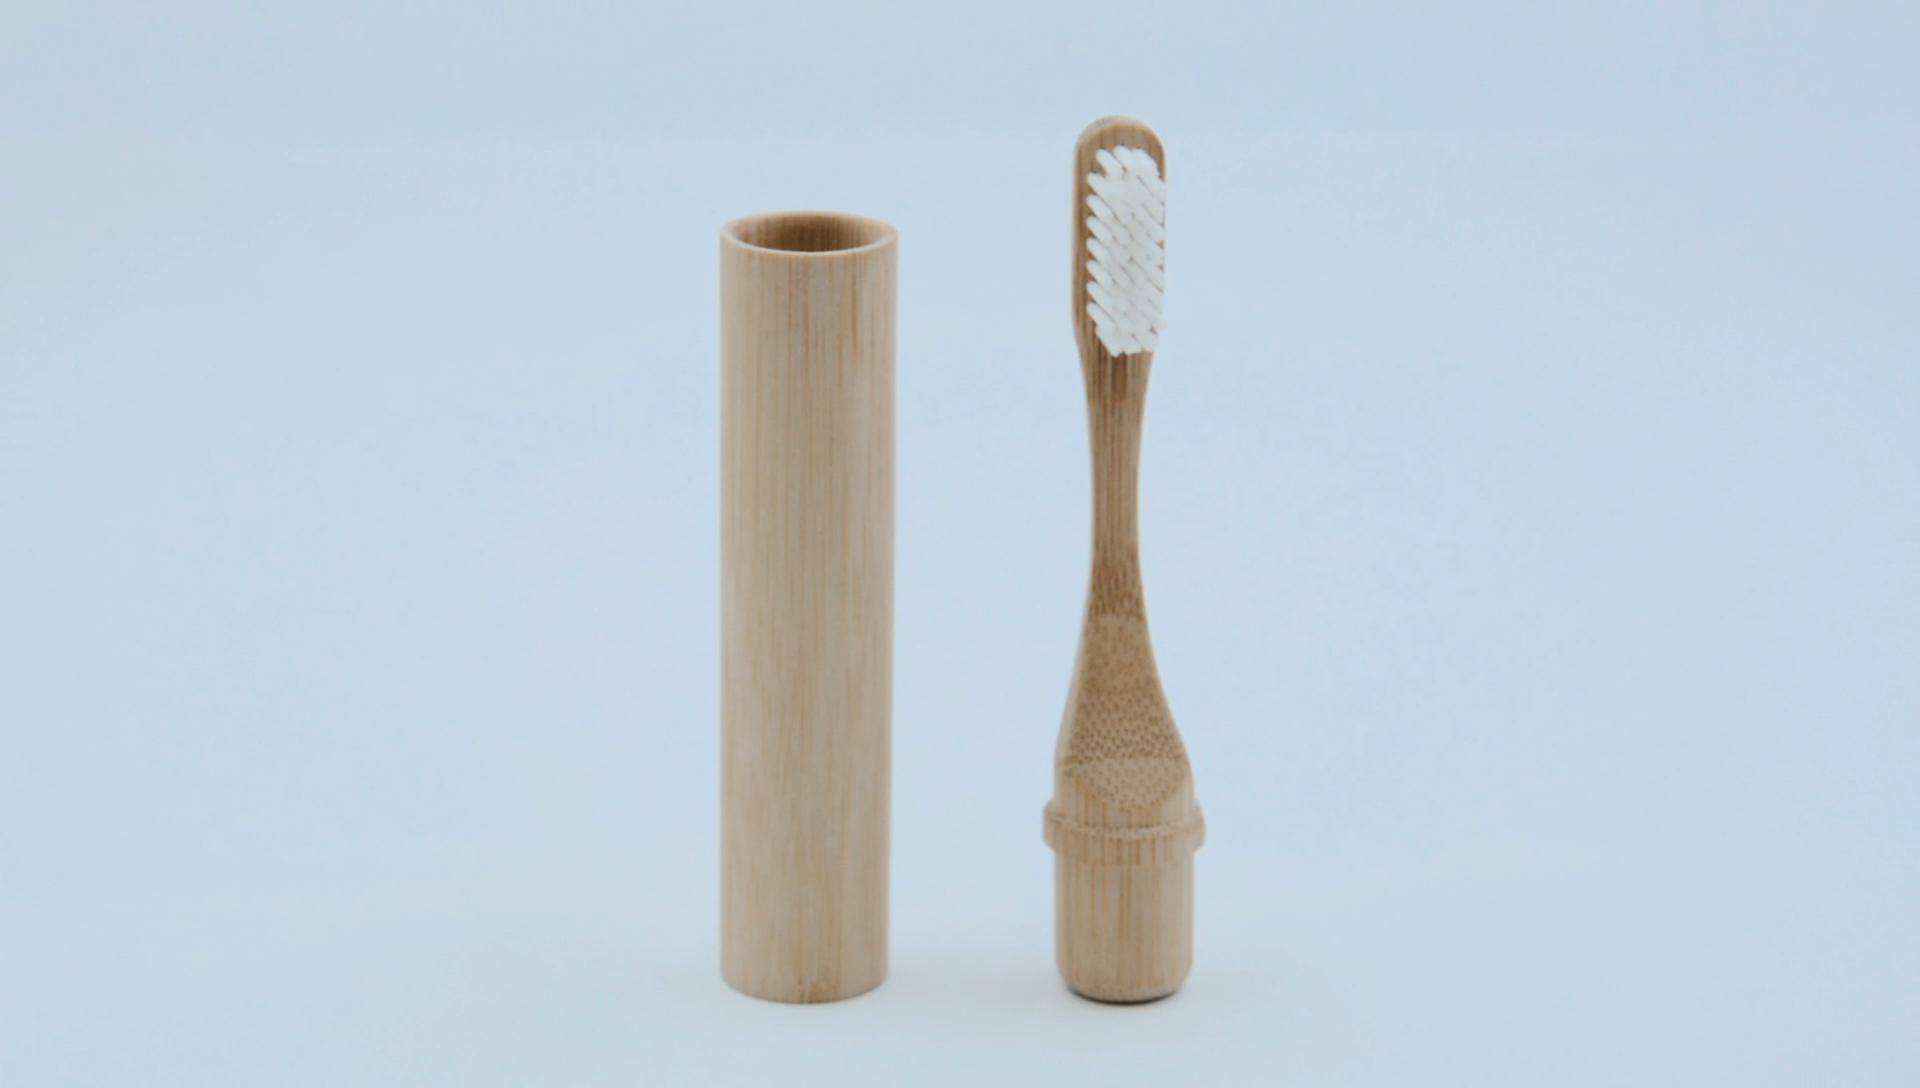 100% אורגני replecable מותג פרטי סיטונאי עץ 4 חבילה במבוק פחם מברשת שיניים